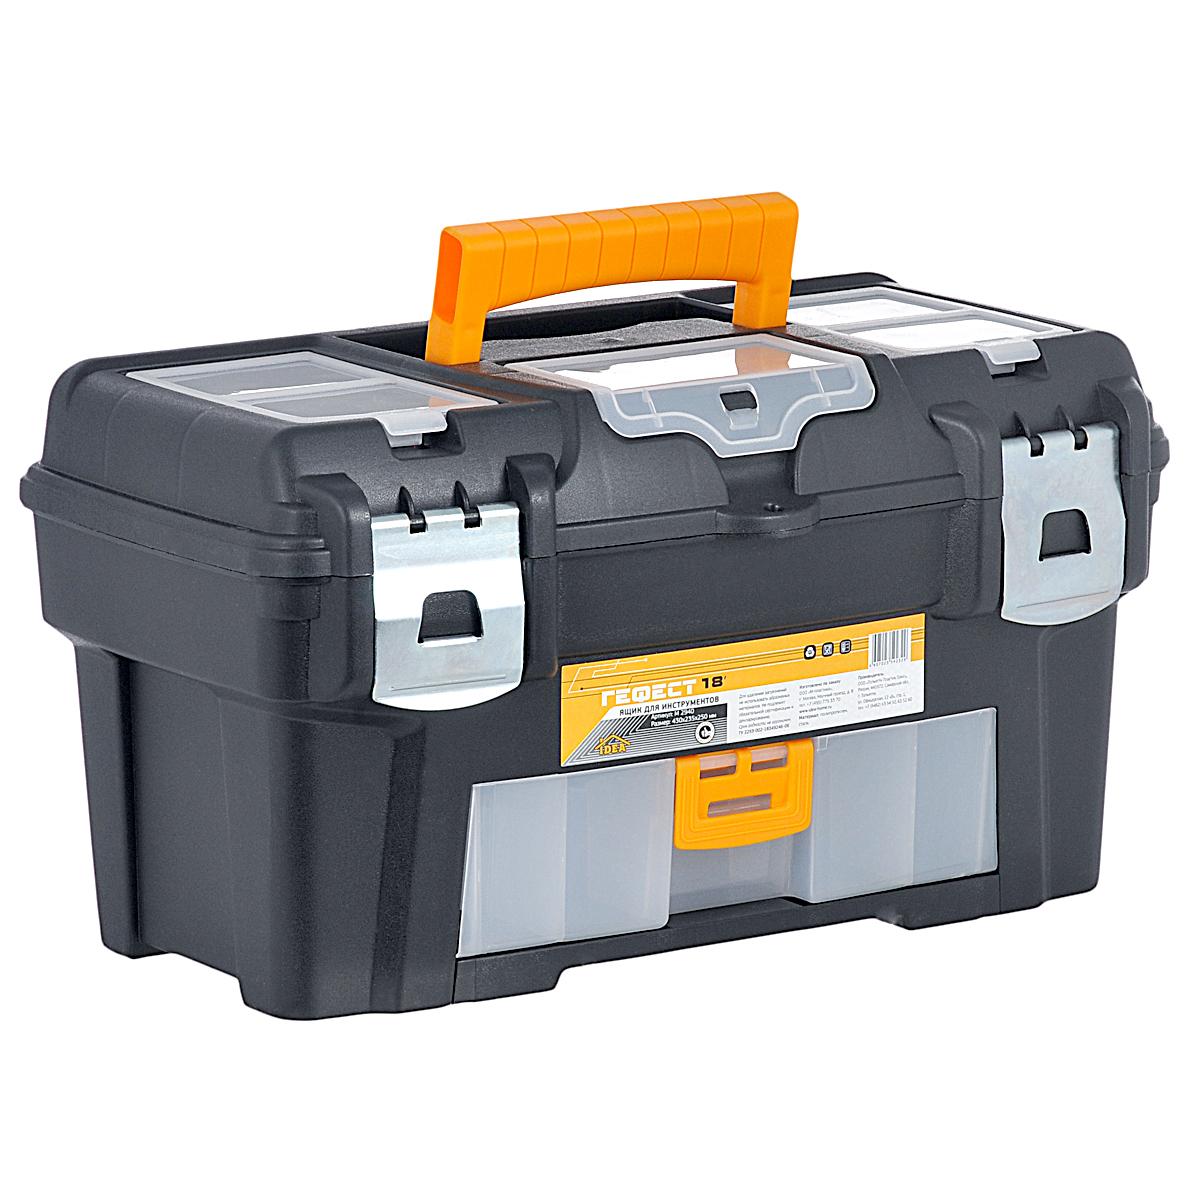 Ящик для инструментов Idea Гефест 18, с органайзером, 43 х 23,5 х 25 см80621Ящик Idea Гефест 18 изготовлен из прочного пластика и предназначен для хранения и переноски инструментов. Вместительный, внутри имеет большое главное отделение. В комплект входит съемный лоток с ручкой для инструментов.На лицевой стороне ящика находится органайзер. Крышка оснащена двумя органайзерами и отделением для хранения бит. Ящик закрывается при помощи крепких стальных защелок, которые не допускают случайного открывания.Для более комфортного переноса в руках, на крышке ящика предусмотрена удобная ручка.